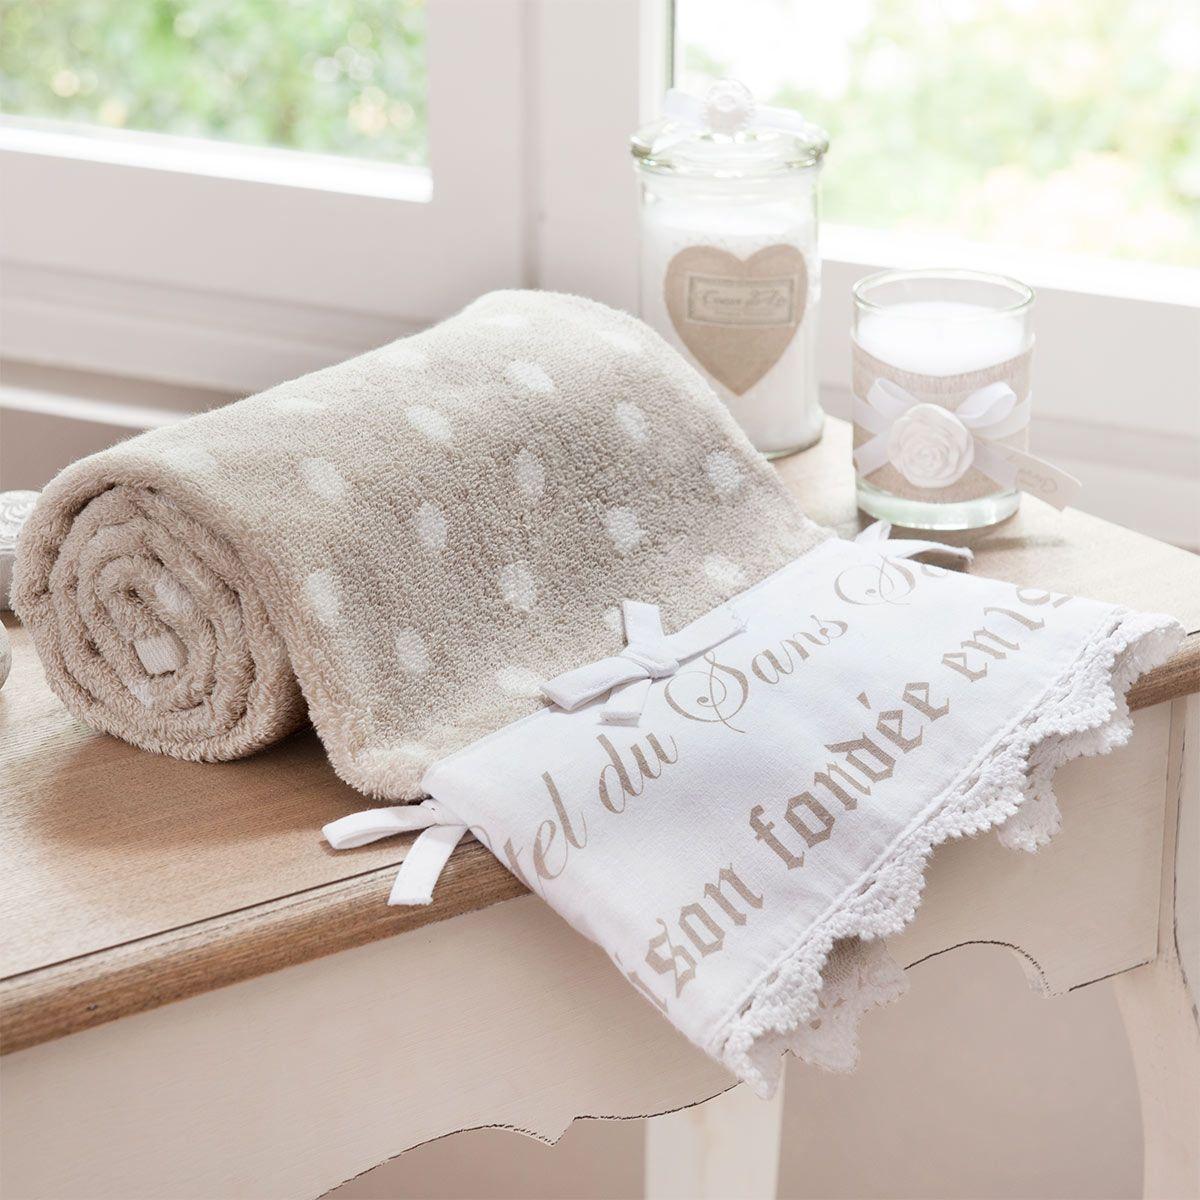 serviette de bain sans souci 50x100 decoration appart pinterest serviettes de bain. Black Bedroom Furniture Sets. Home Design Ideas